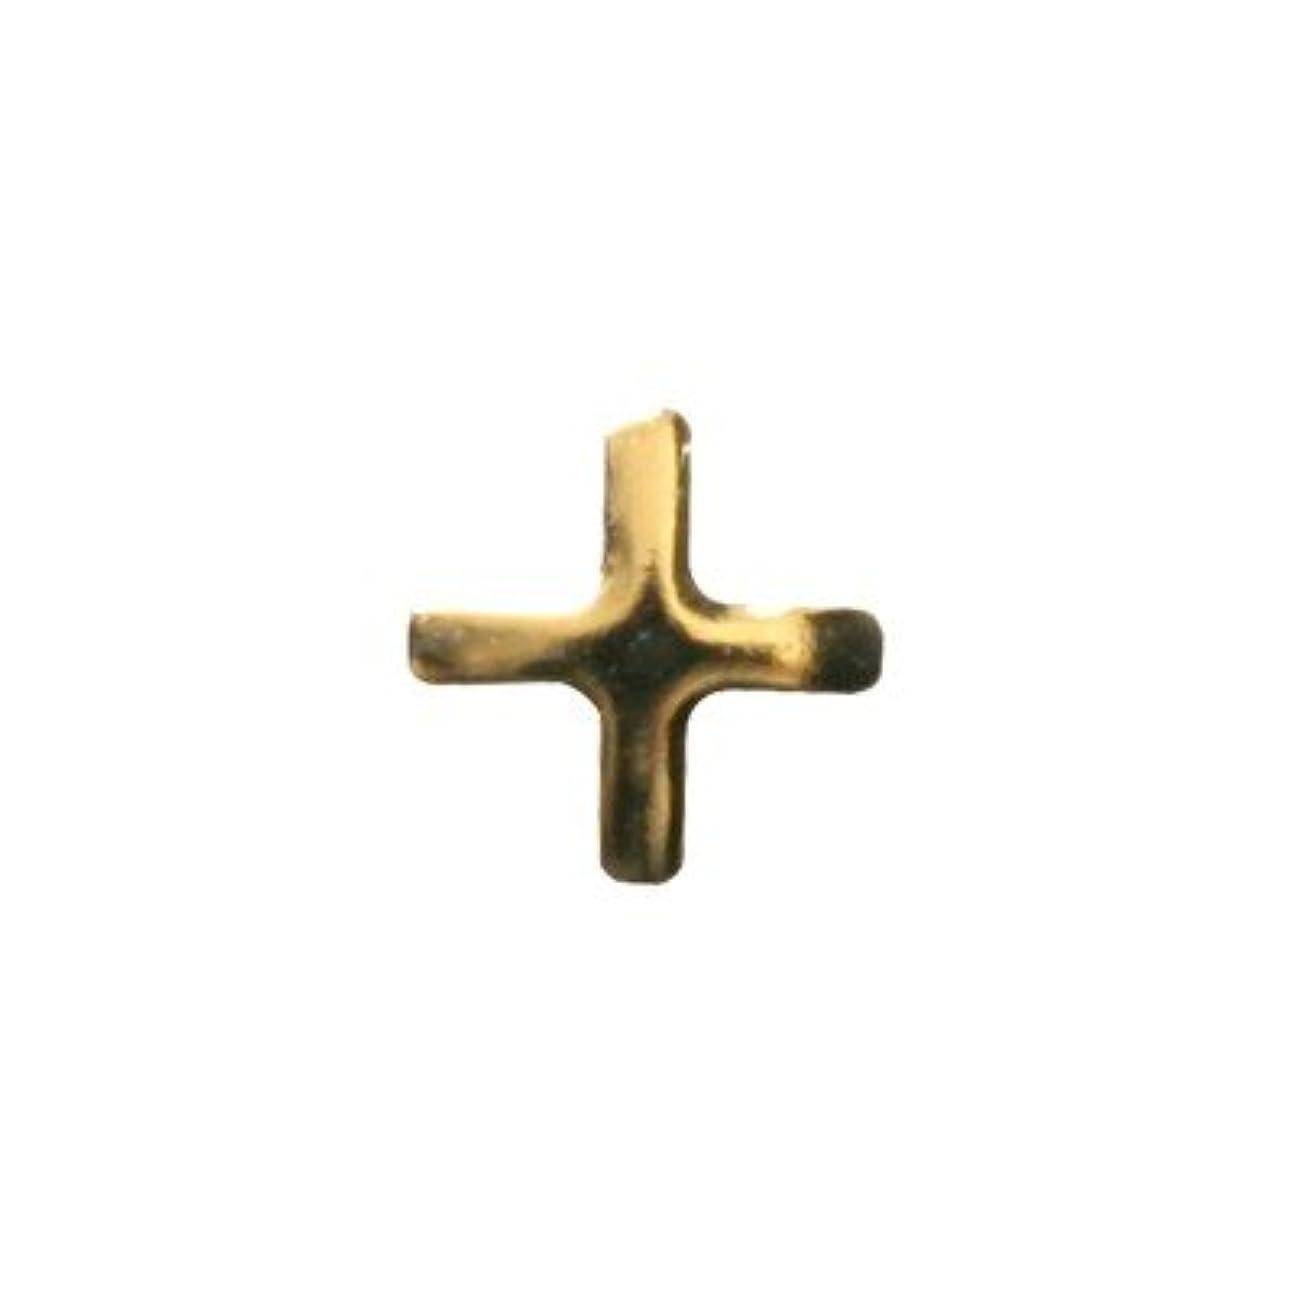 惨めな本当のことを言うと実行可能ピアドラ スタッズ クロスレット ハーフ 3mm 50P ゴールド